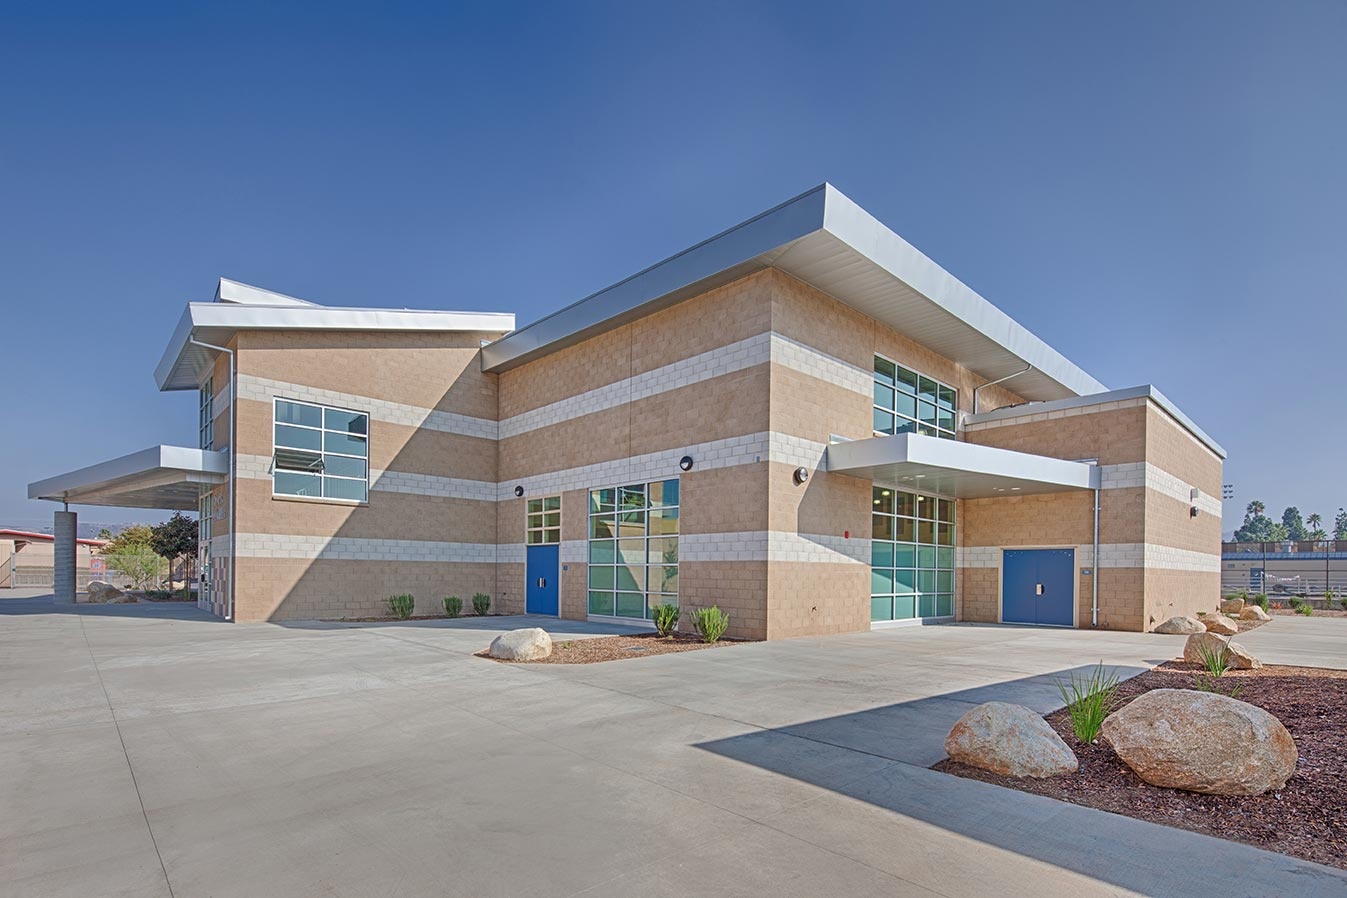 El Cajon Valley High School - Sprotte+Watson Inside El Cajon School District Holiday Schedule